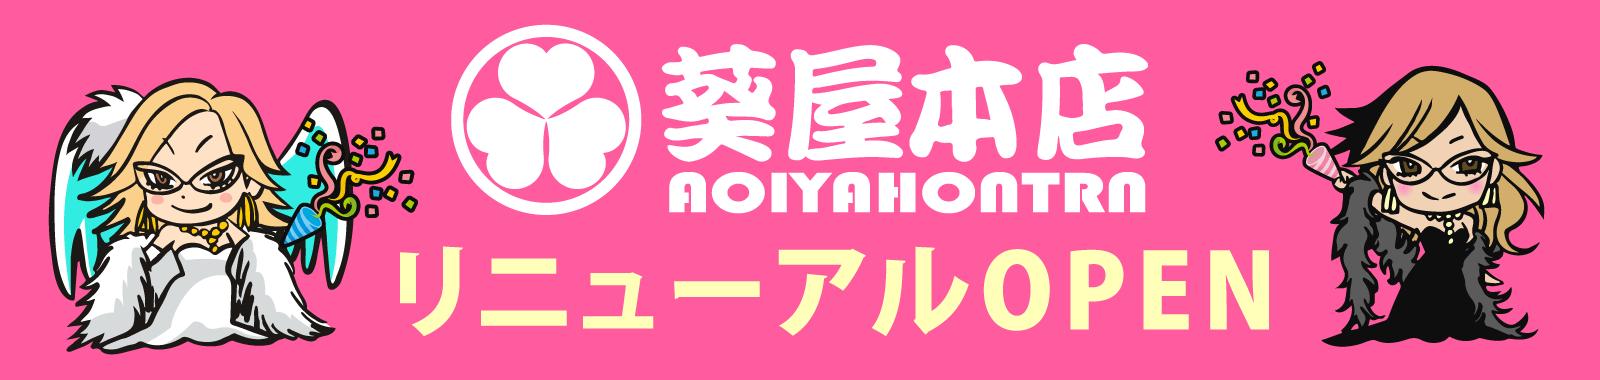 葵屋本店リニューアル